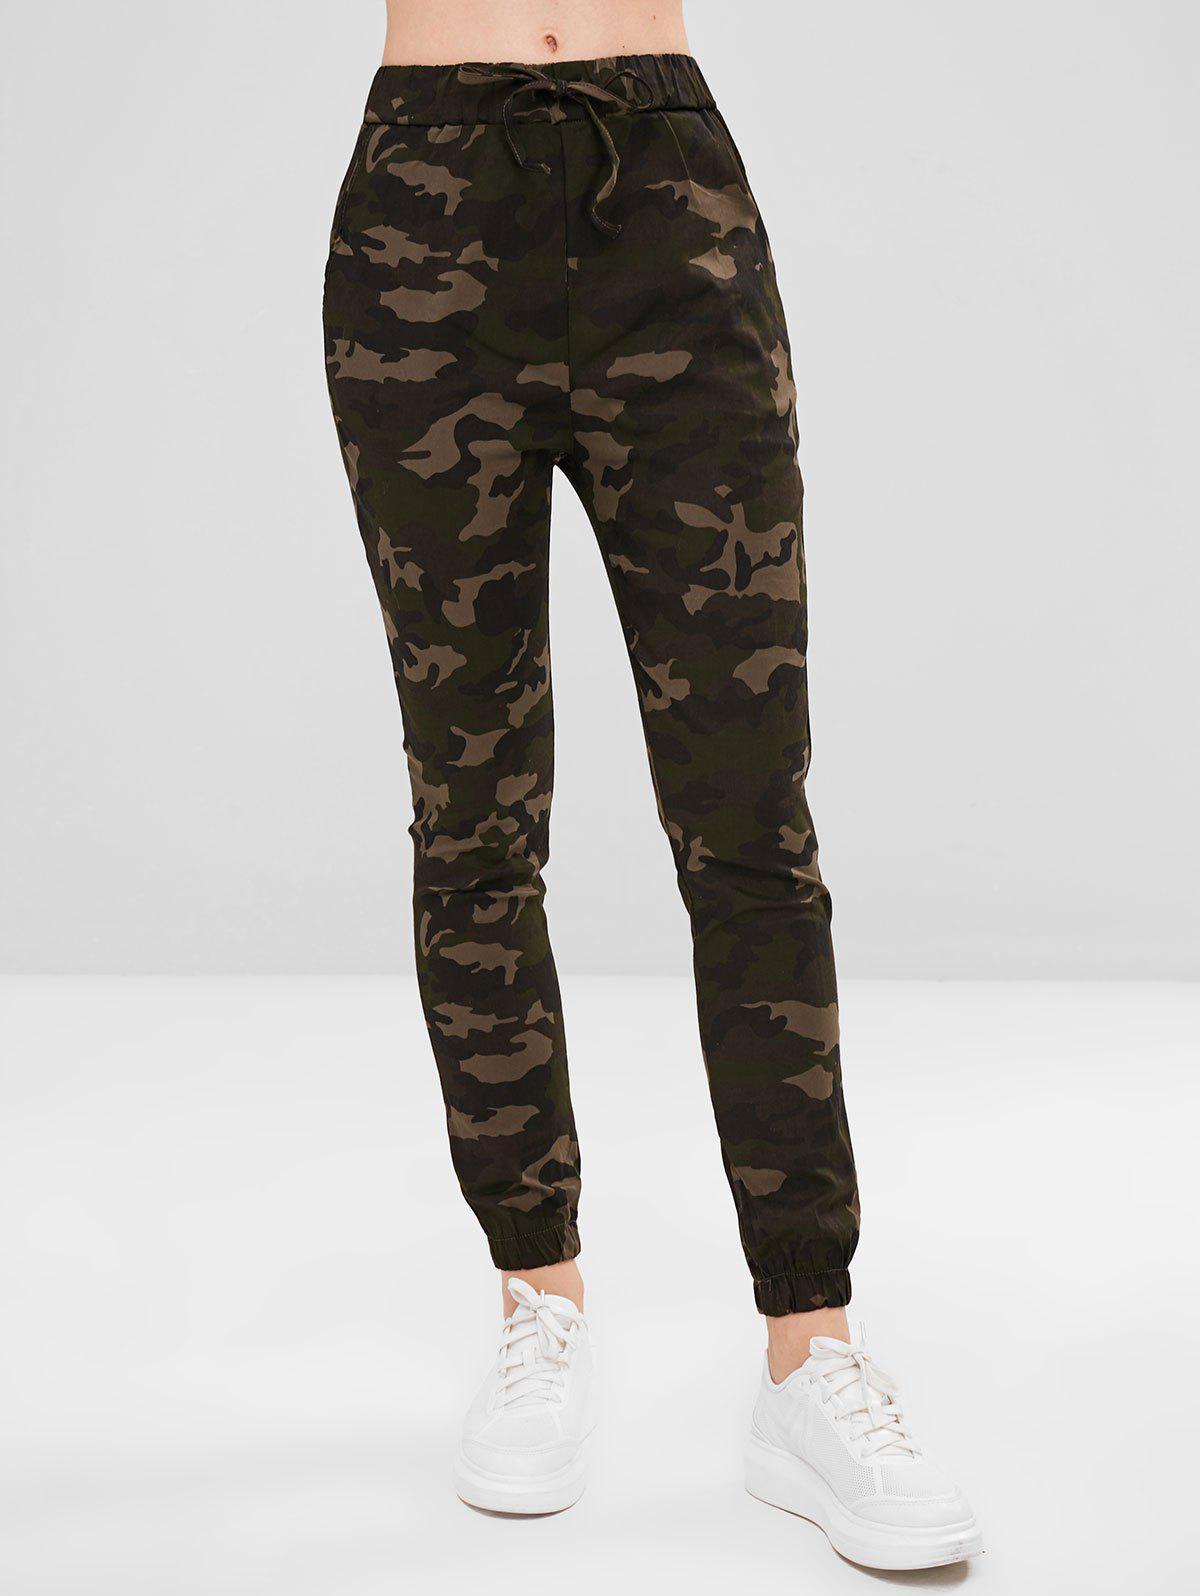 Drawstring Jogger Camouflage Pants, Woodland camouflage